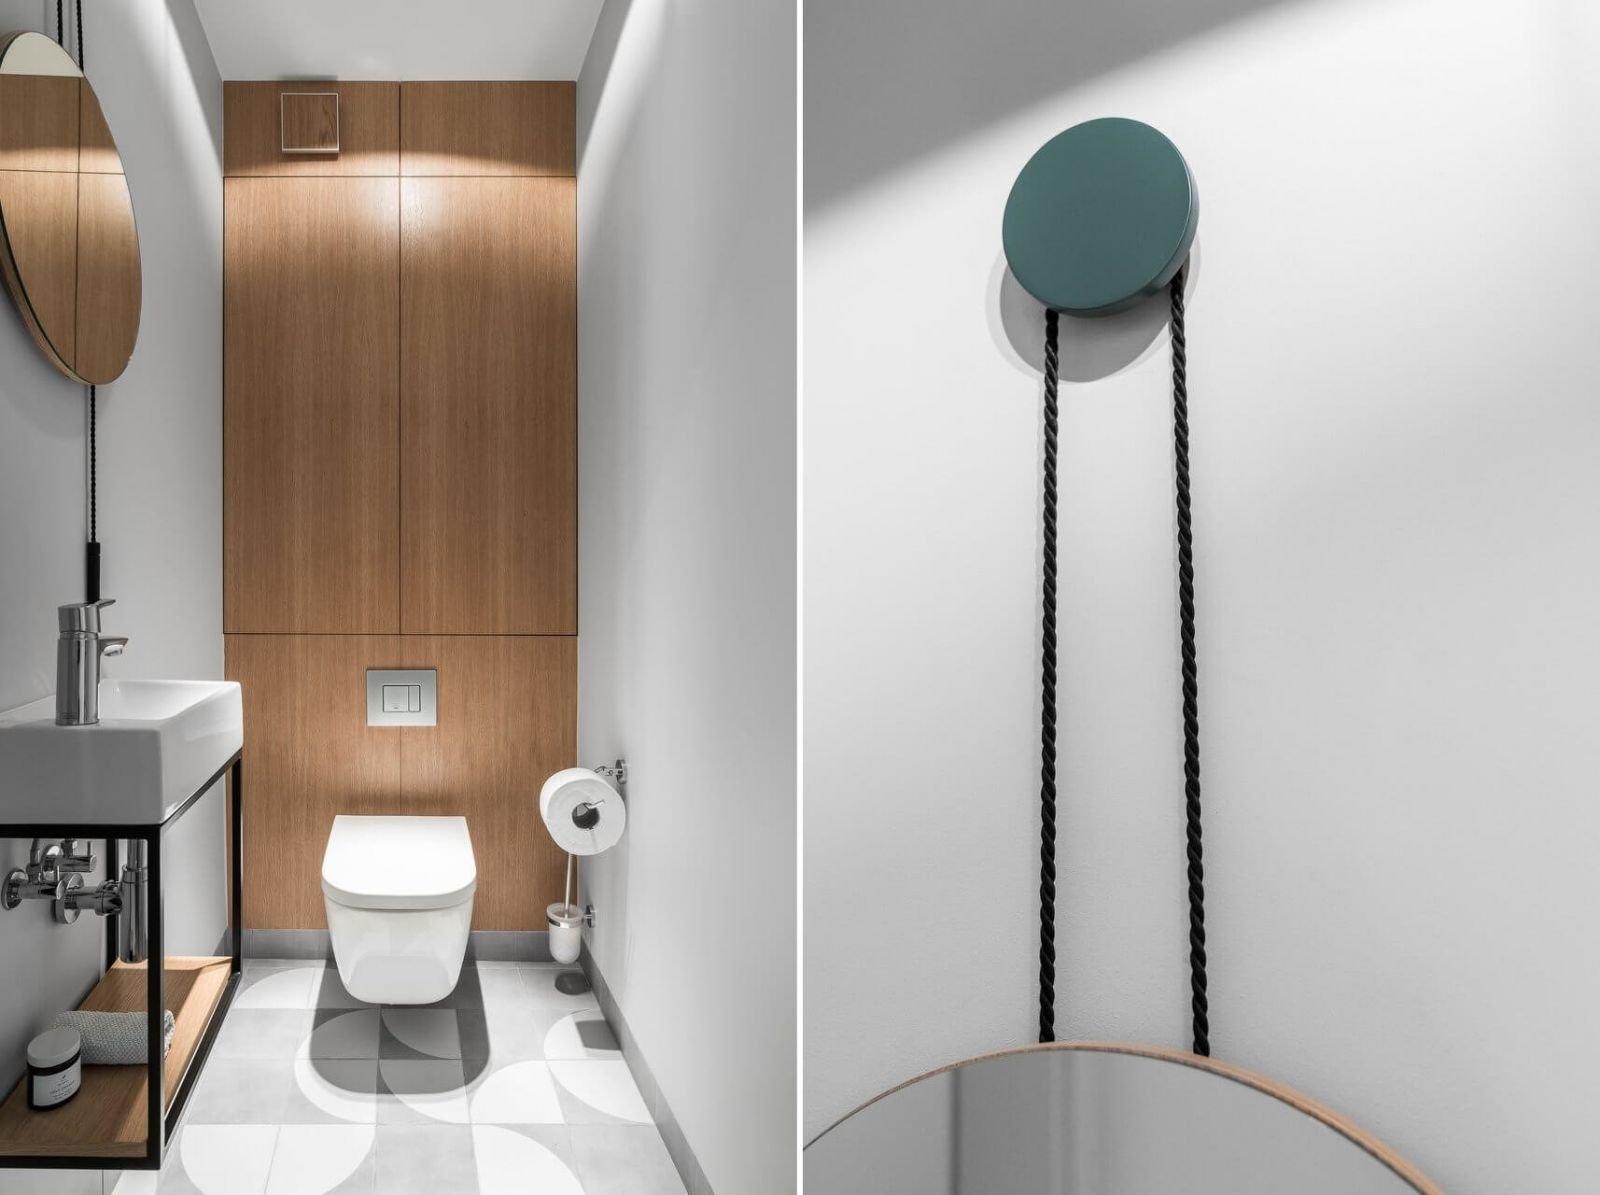 Контрастностные сочетания и геометрических мотивы доминируют в эстетике дизайна санузла.